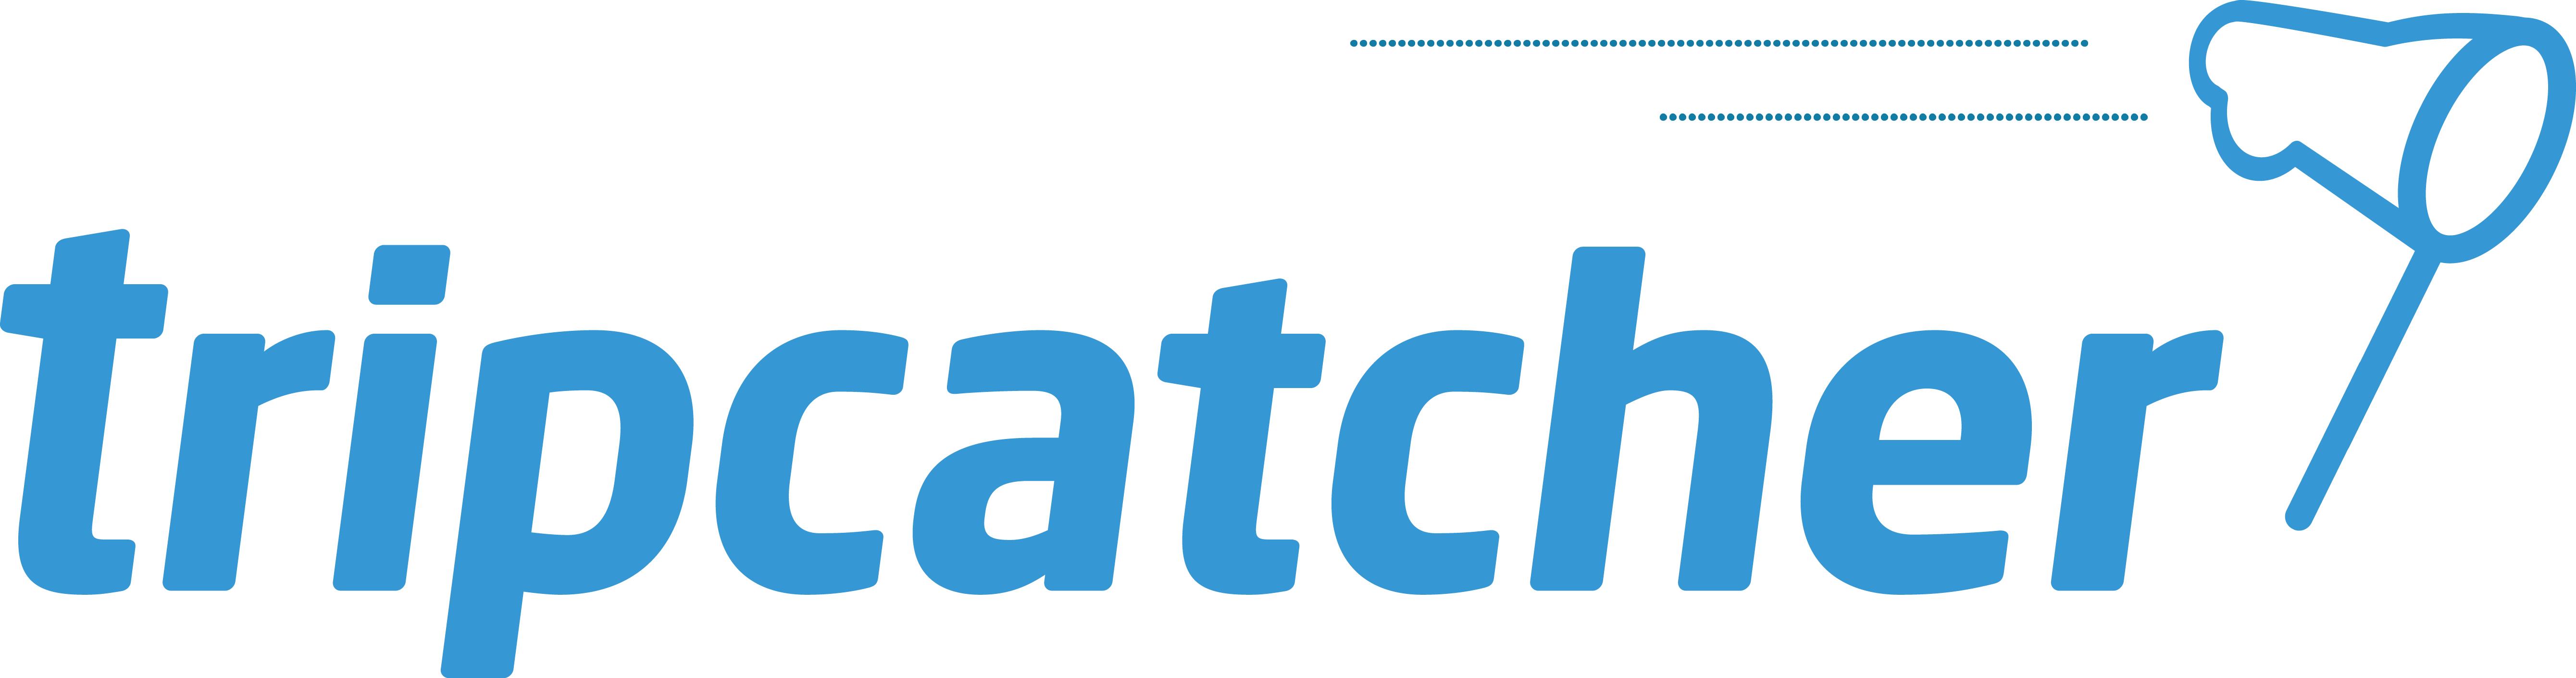 Tripcatcher logo